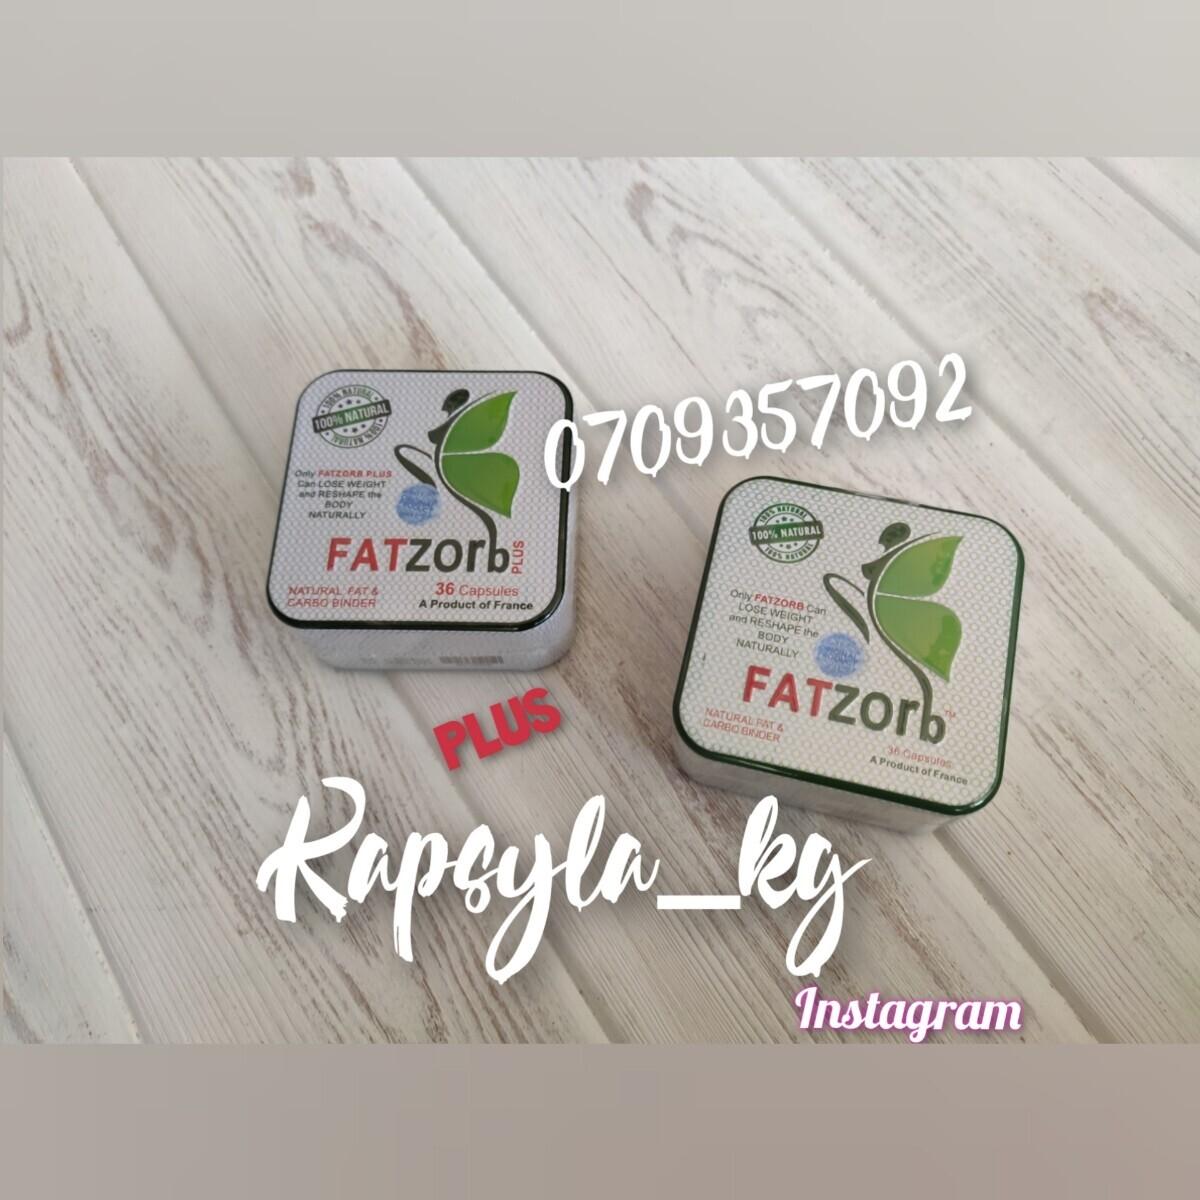 ПОХУДЕЙ НА 💯% Kapsyla_KG - Бизнес-профиль компании на lalafo.kg | Кыргызстан